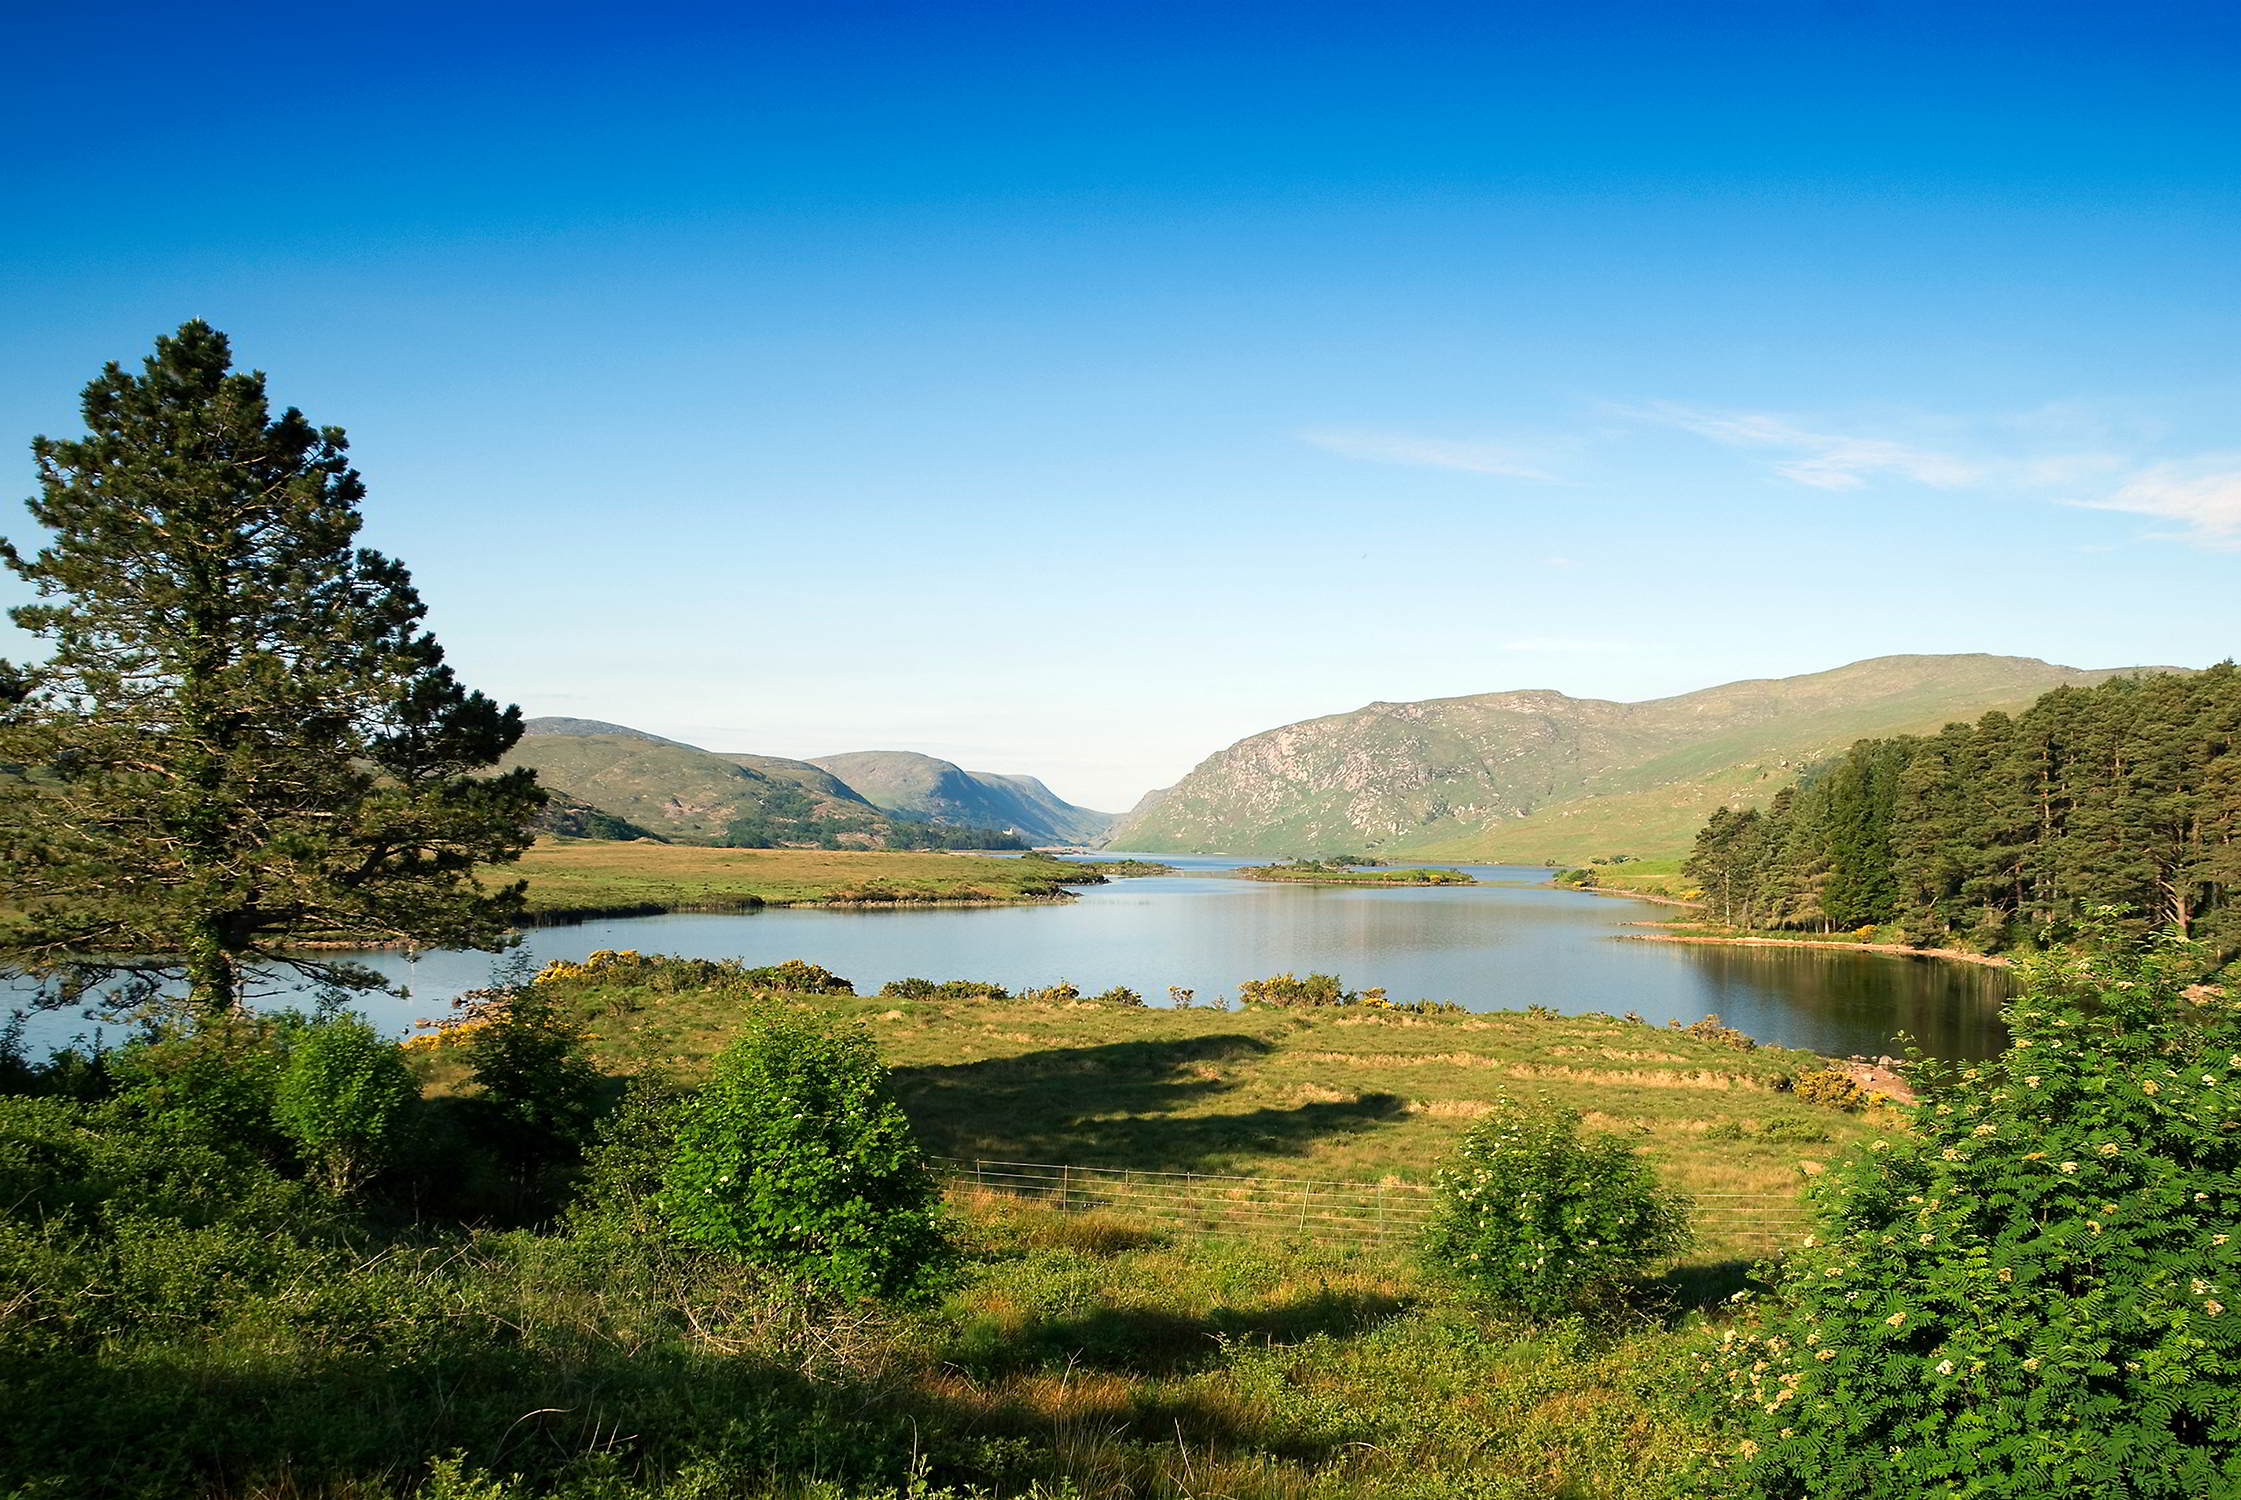 Parques nacionales características